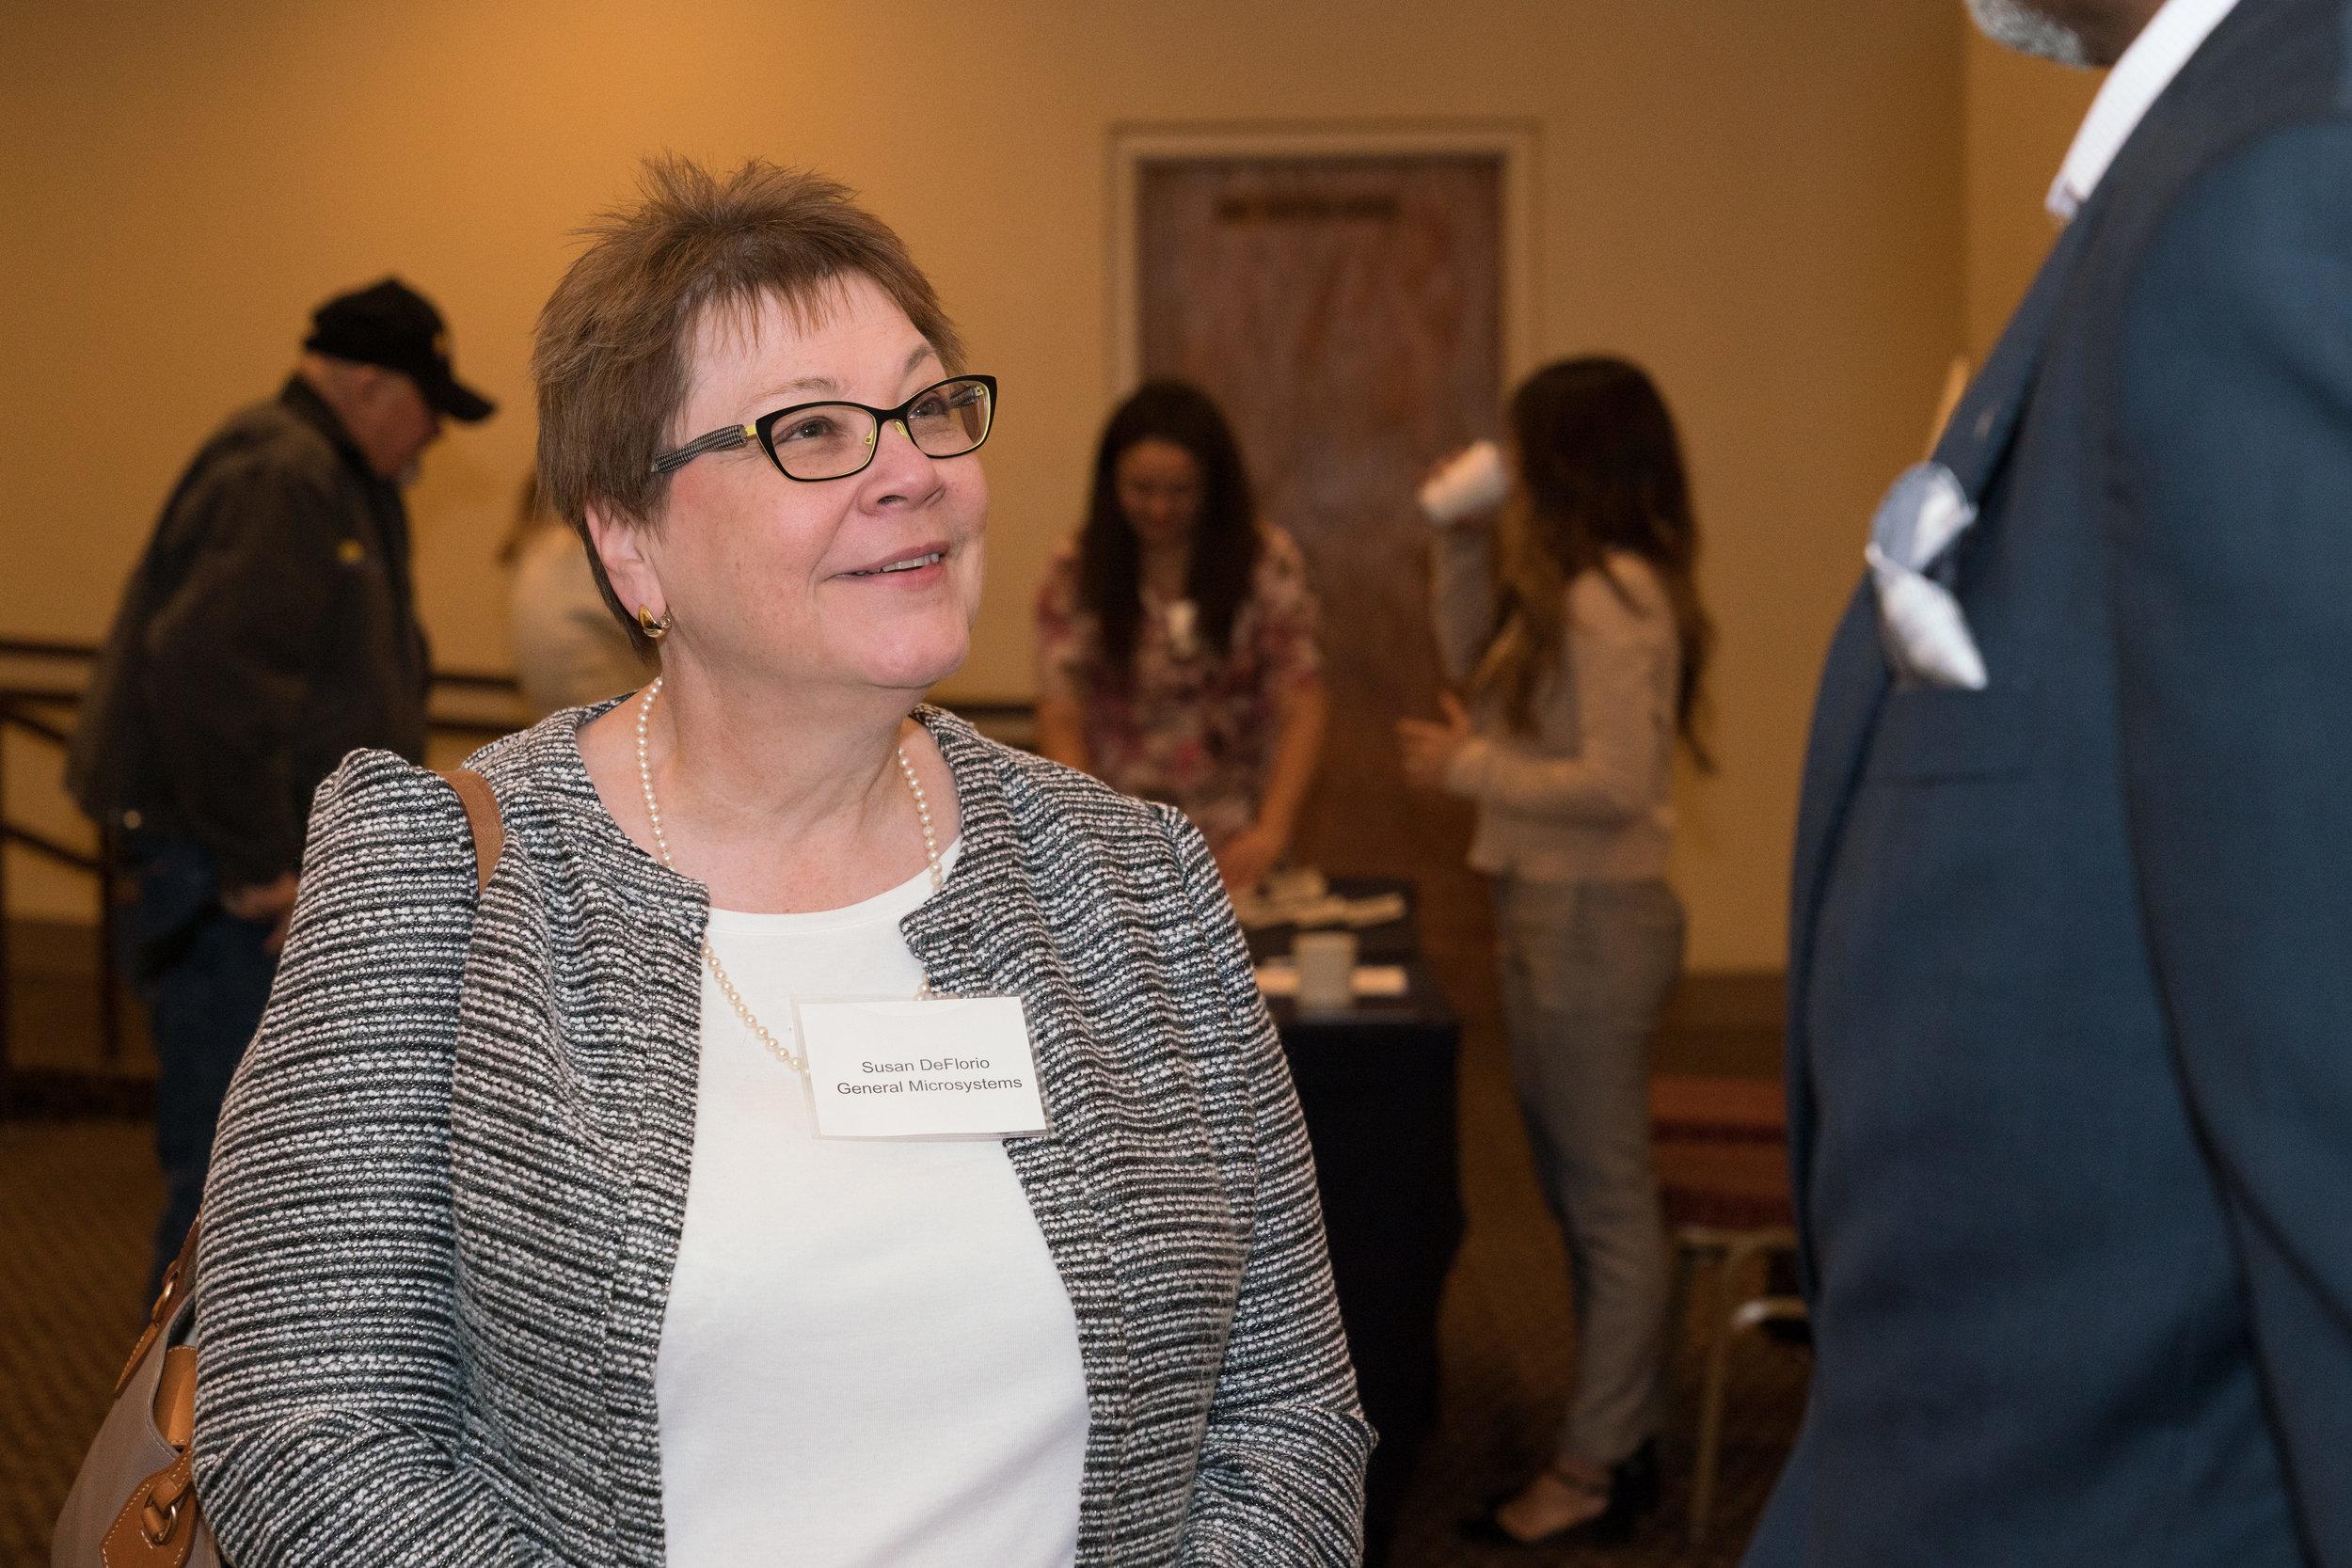 Sue DeFlorio, General Microsystems, Inc.